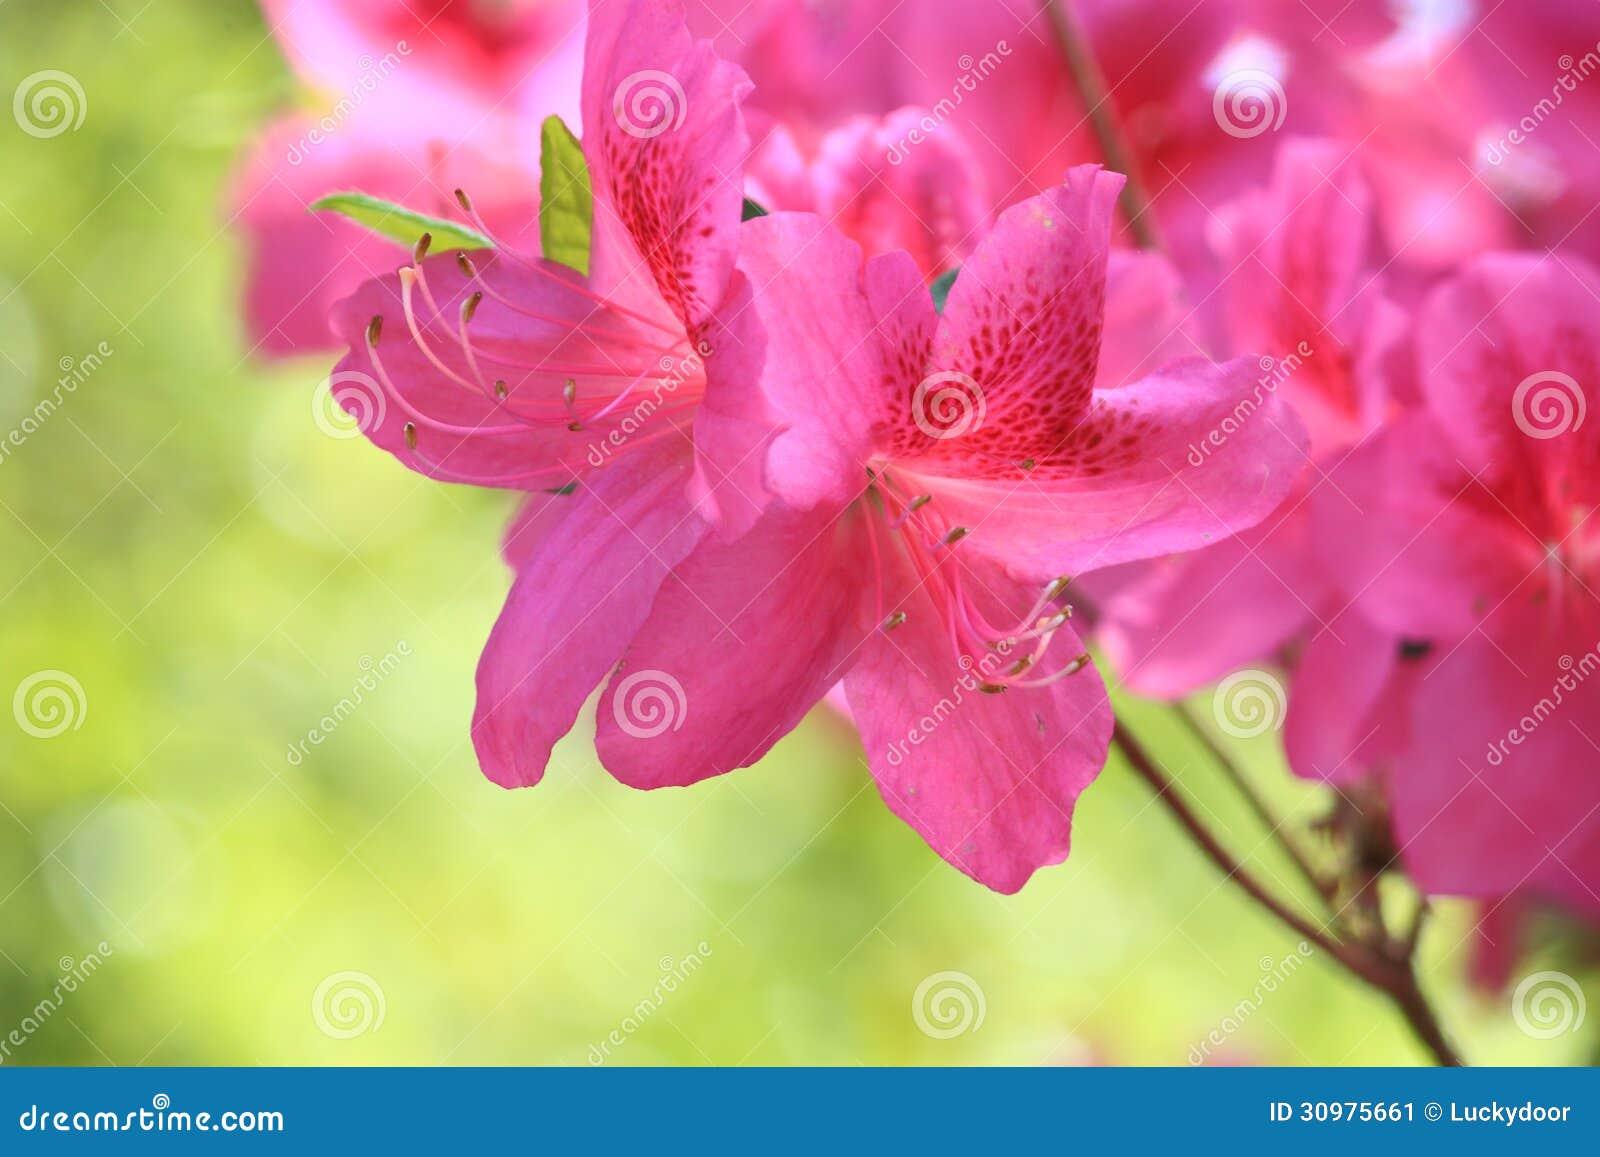 Roze Azalea Flower